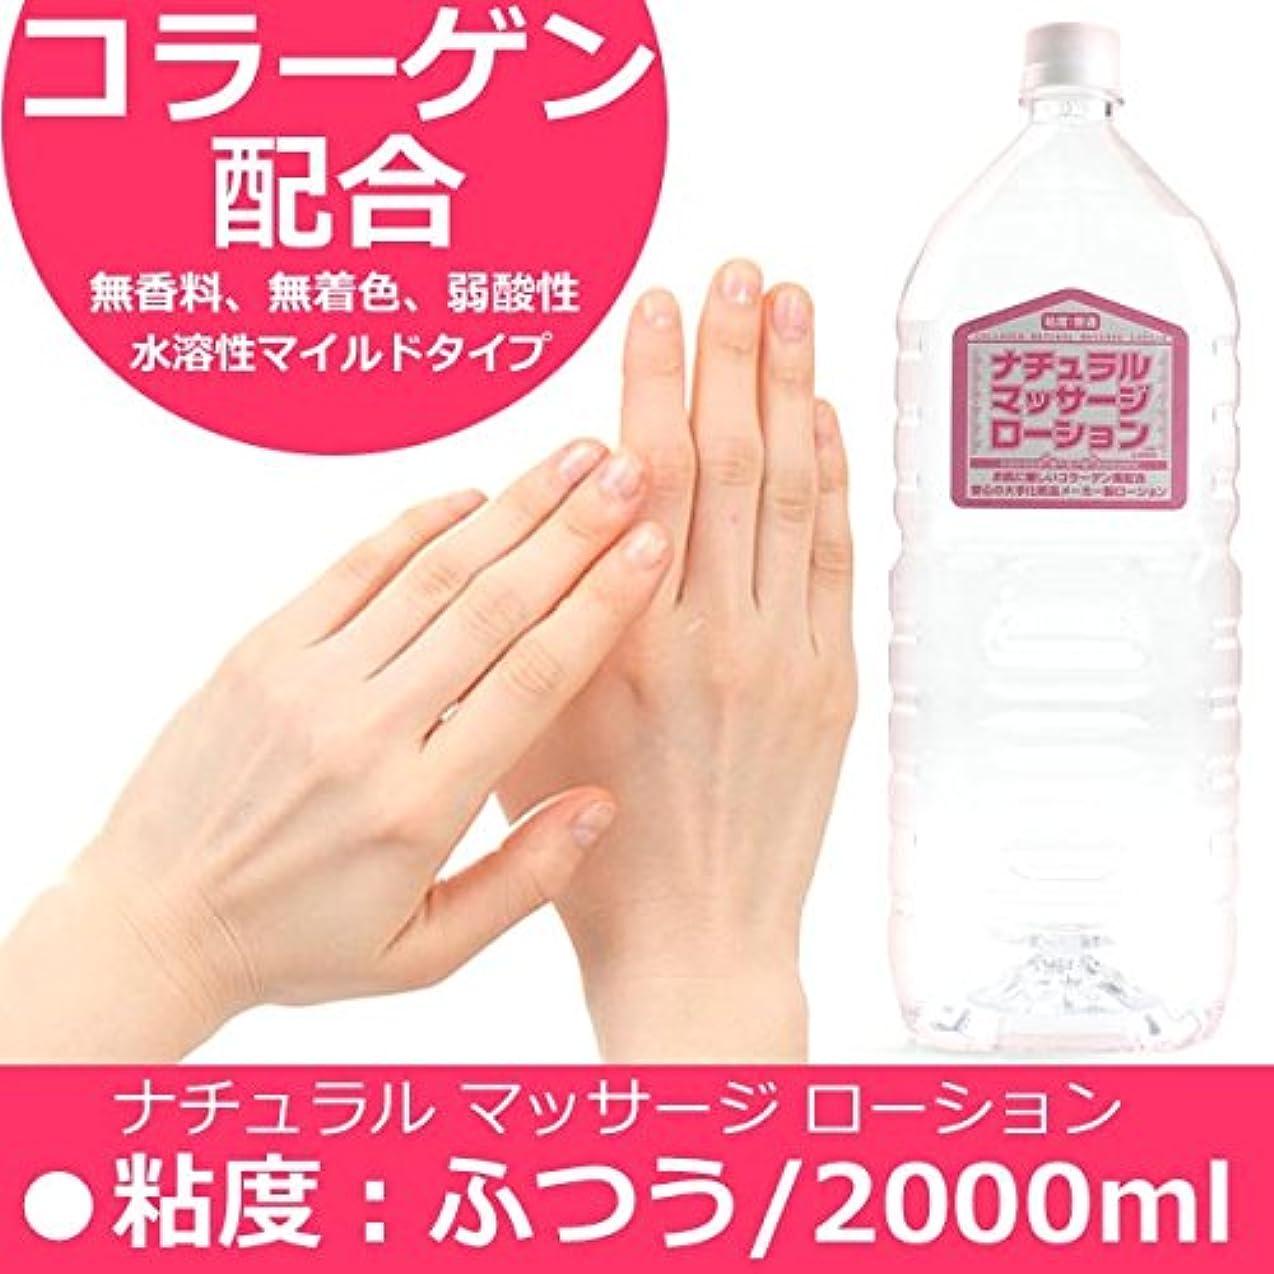 緯度誇り上記の頭と肩ナチュラルマッサージ ローション 2000m 業務用の詰替えにも!!